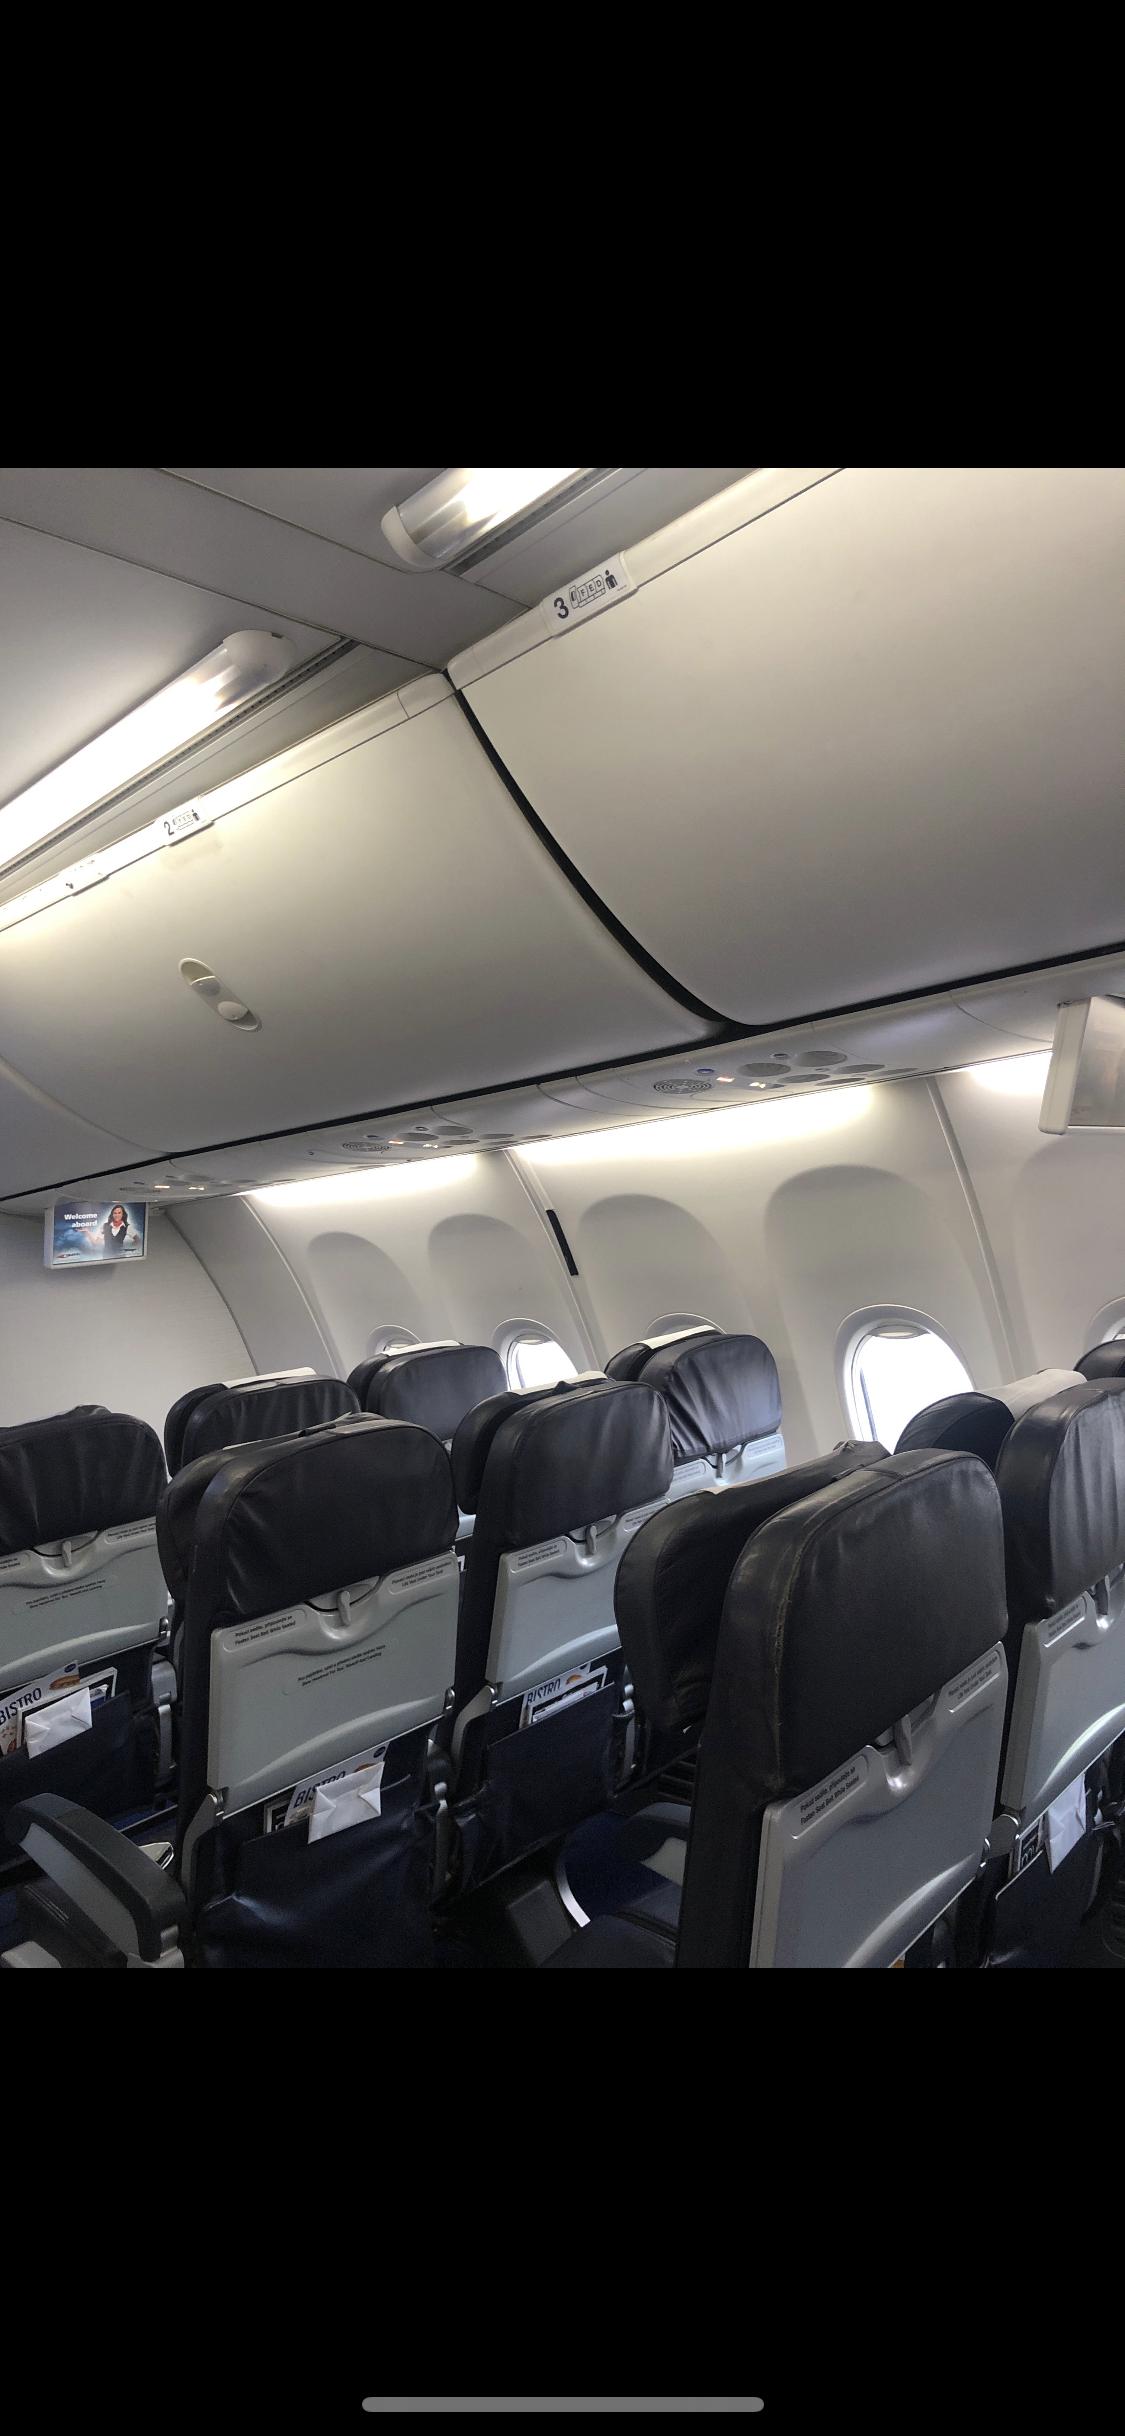 CSA Czech Airlines Customer Reviews.